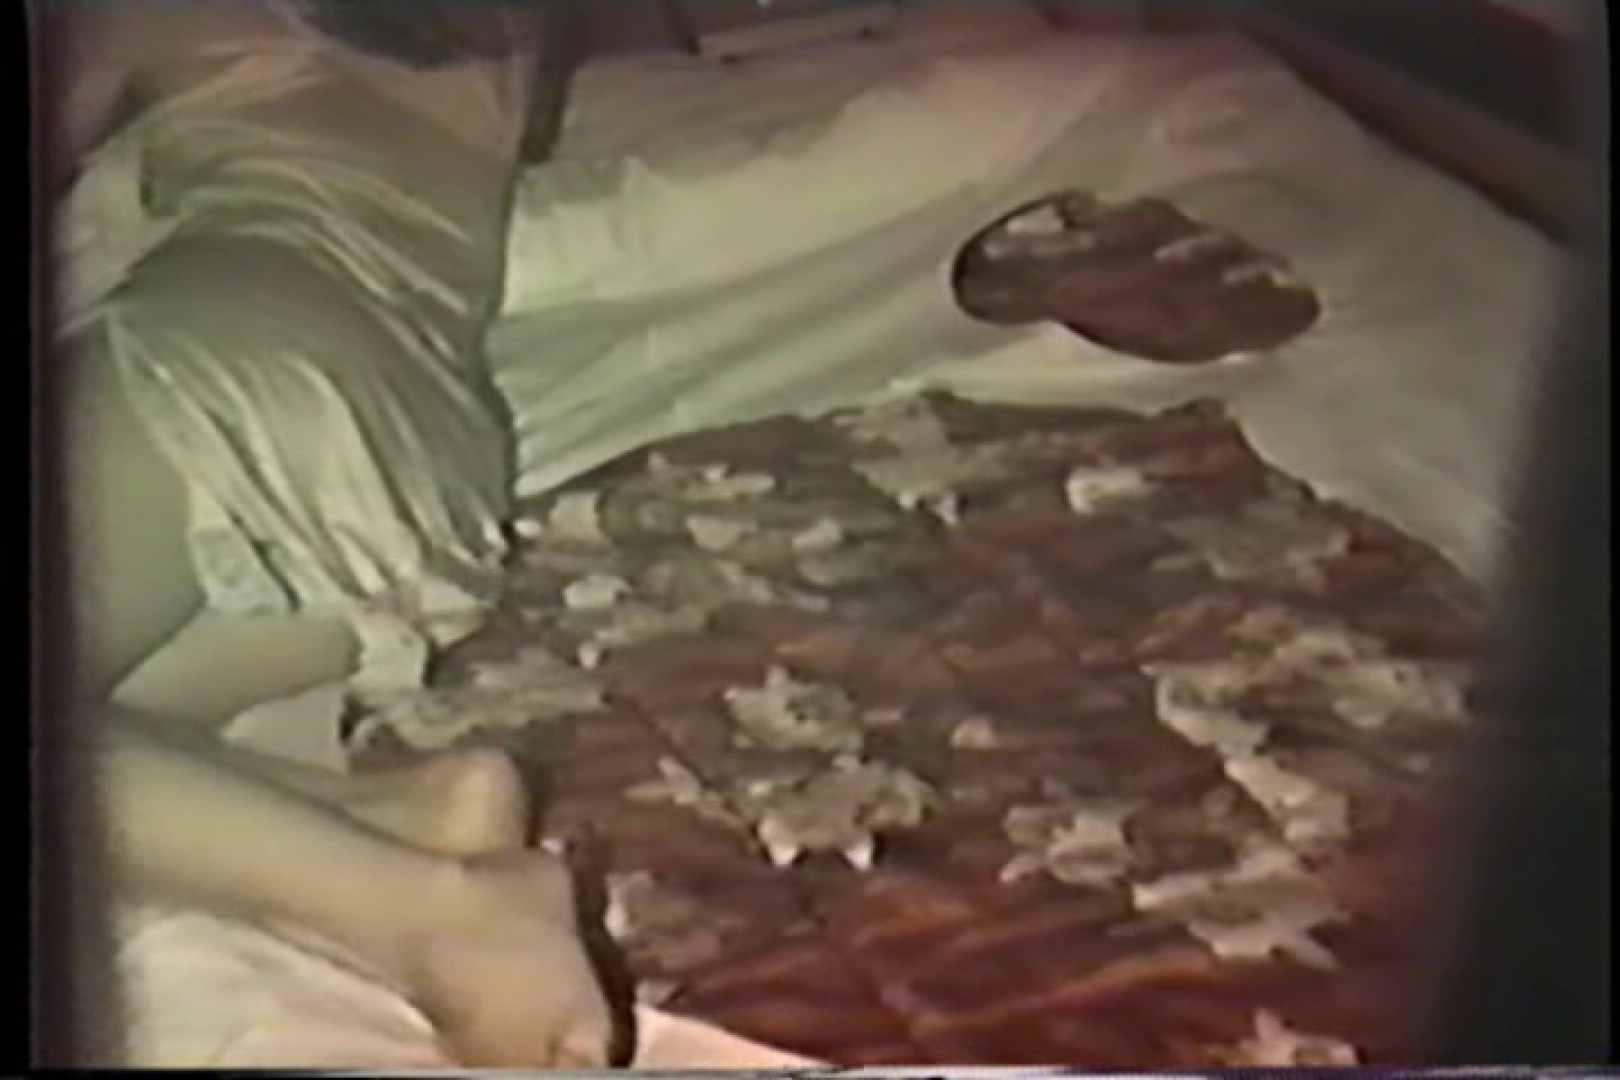 実録!ラブホテル~消し忘れ注意!昭和の色編~ vol.11 ラブホテル | ホテルでエッチ  79PIX 79